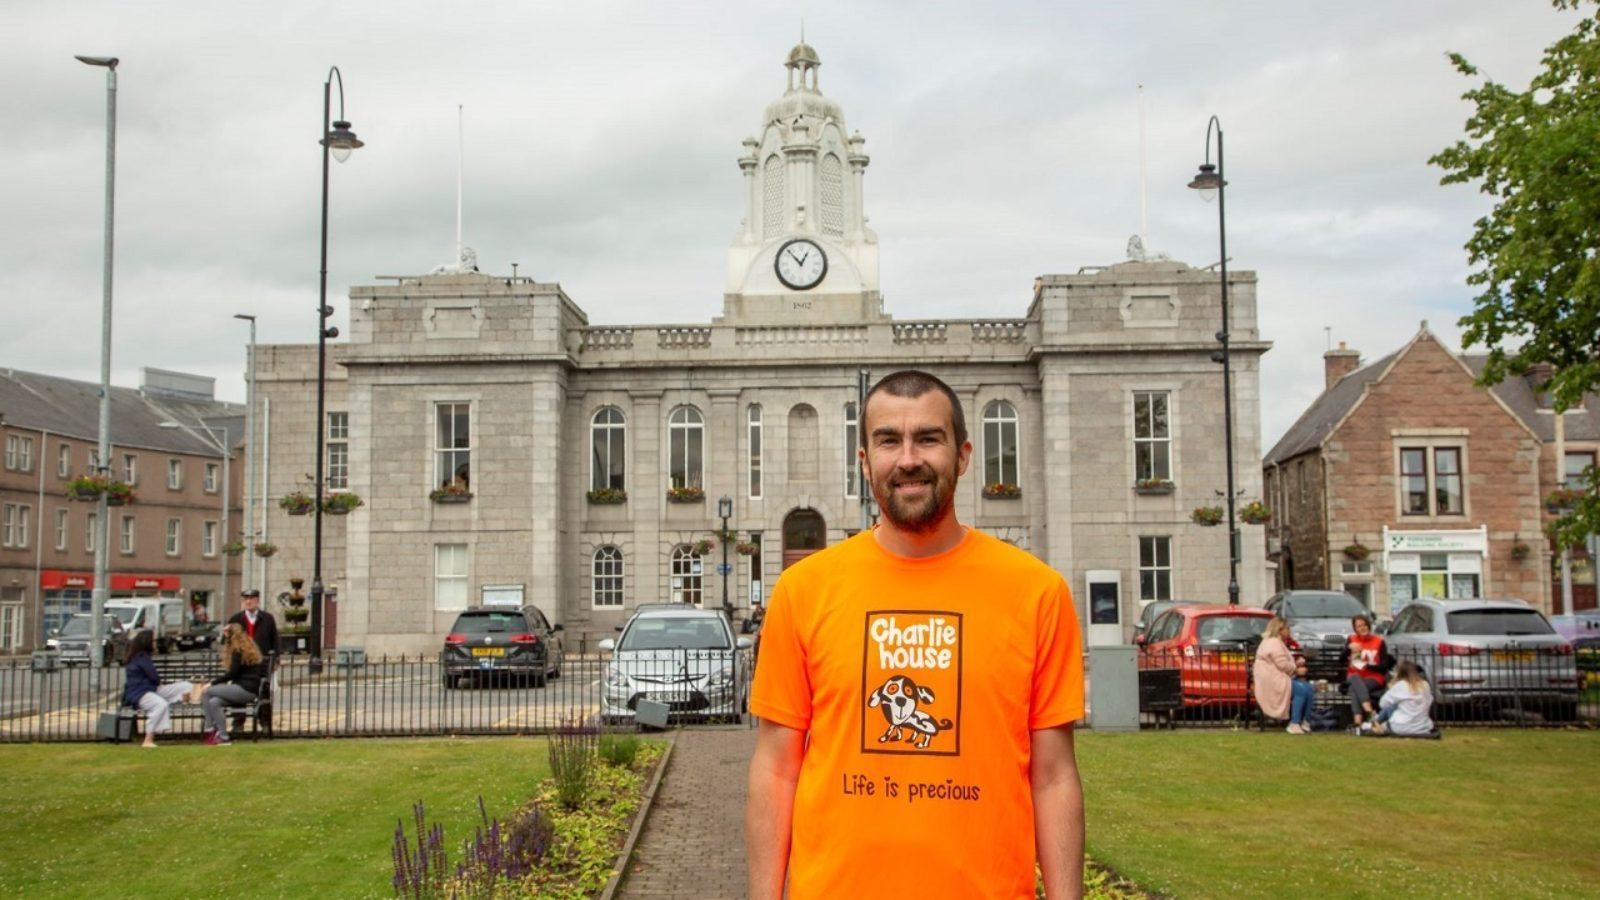 Aberdeen creative agency undertakes 24-hour runathon for children's charity